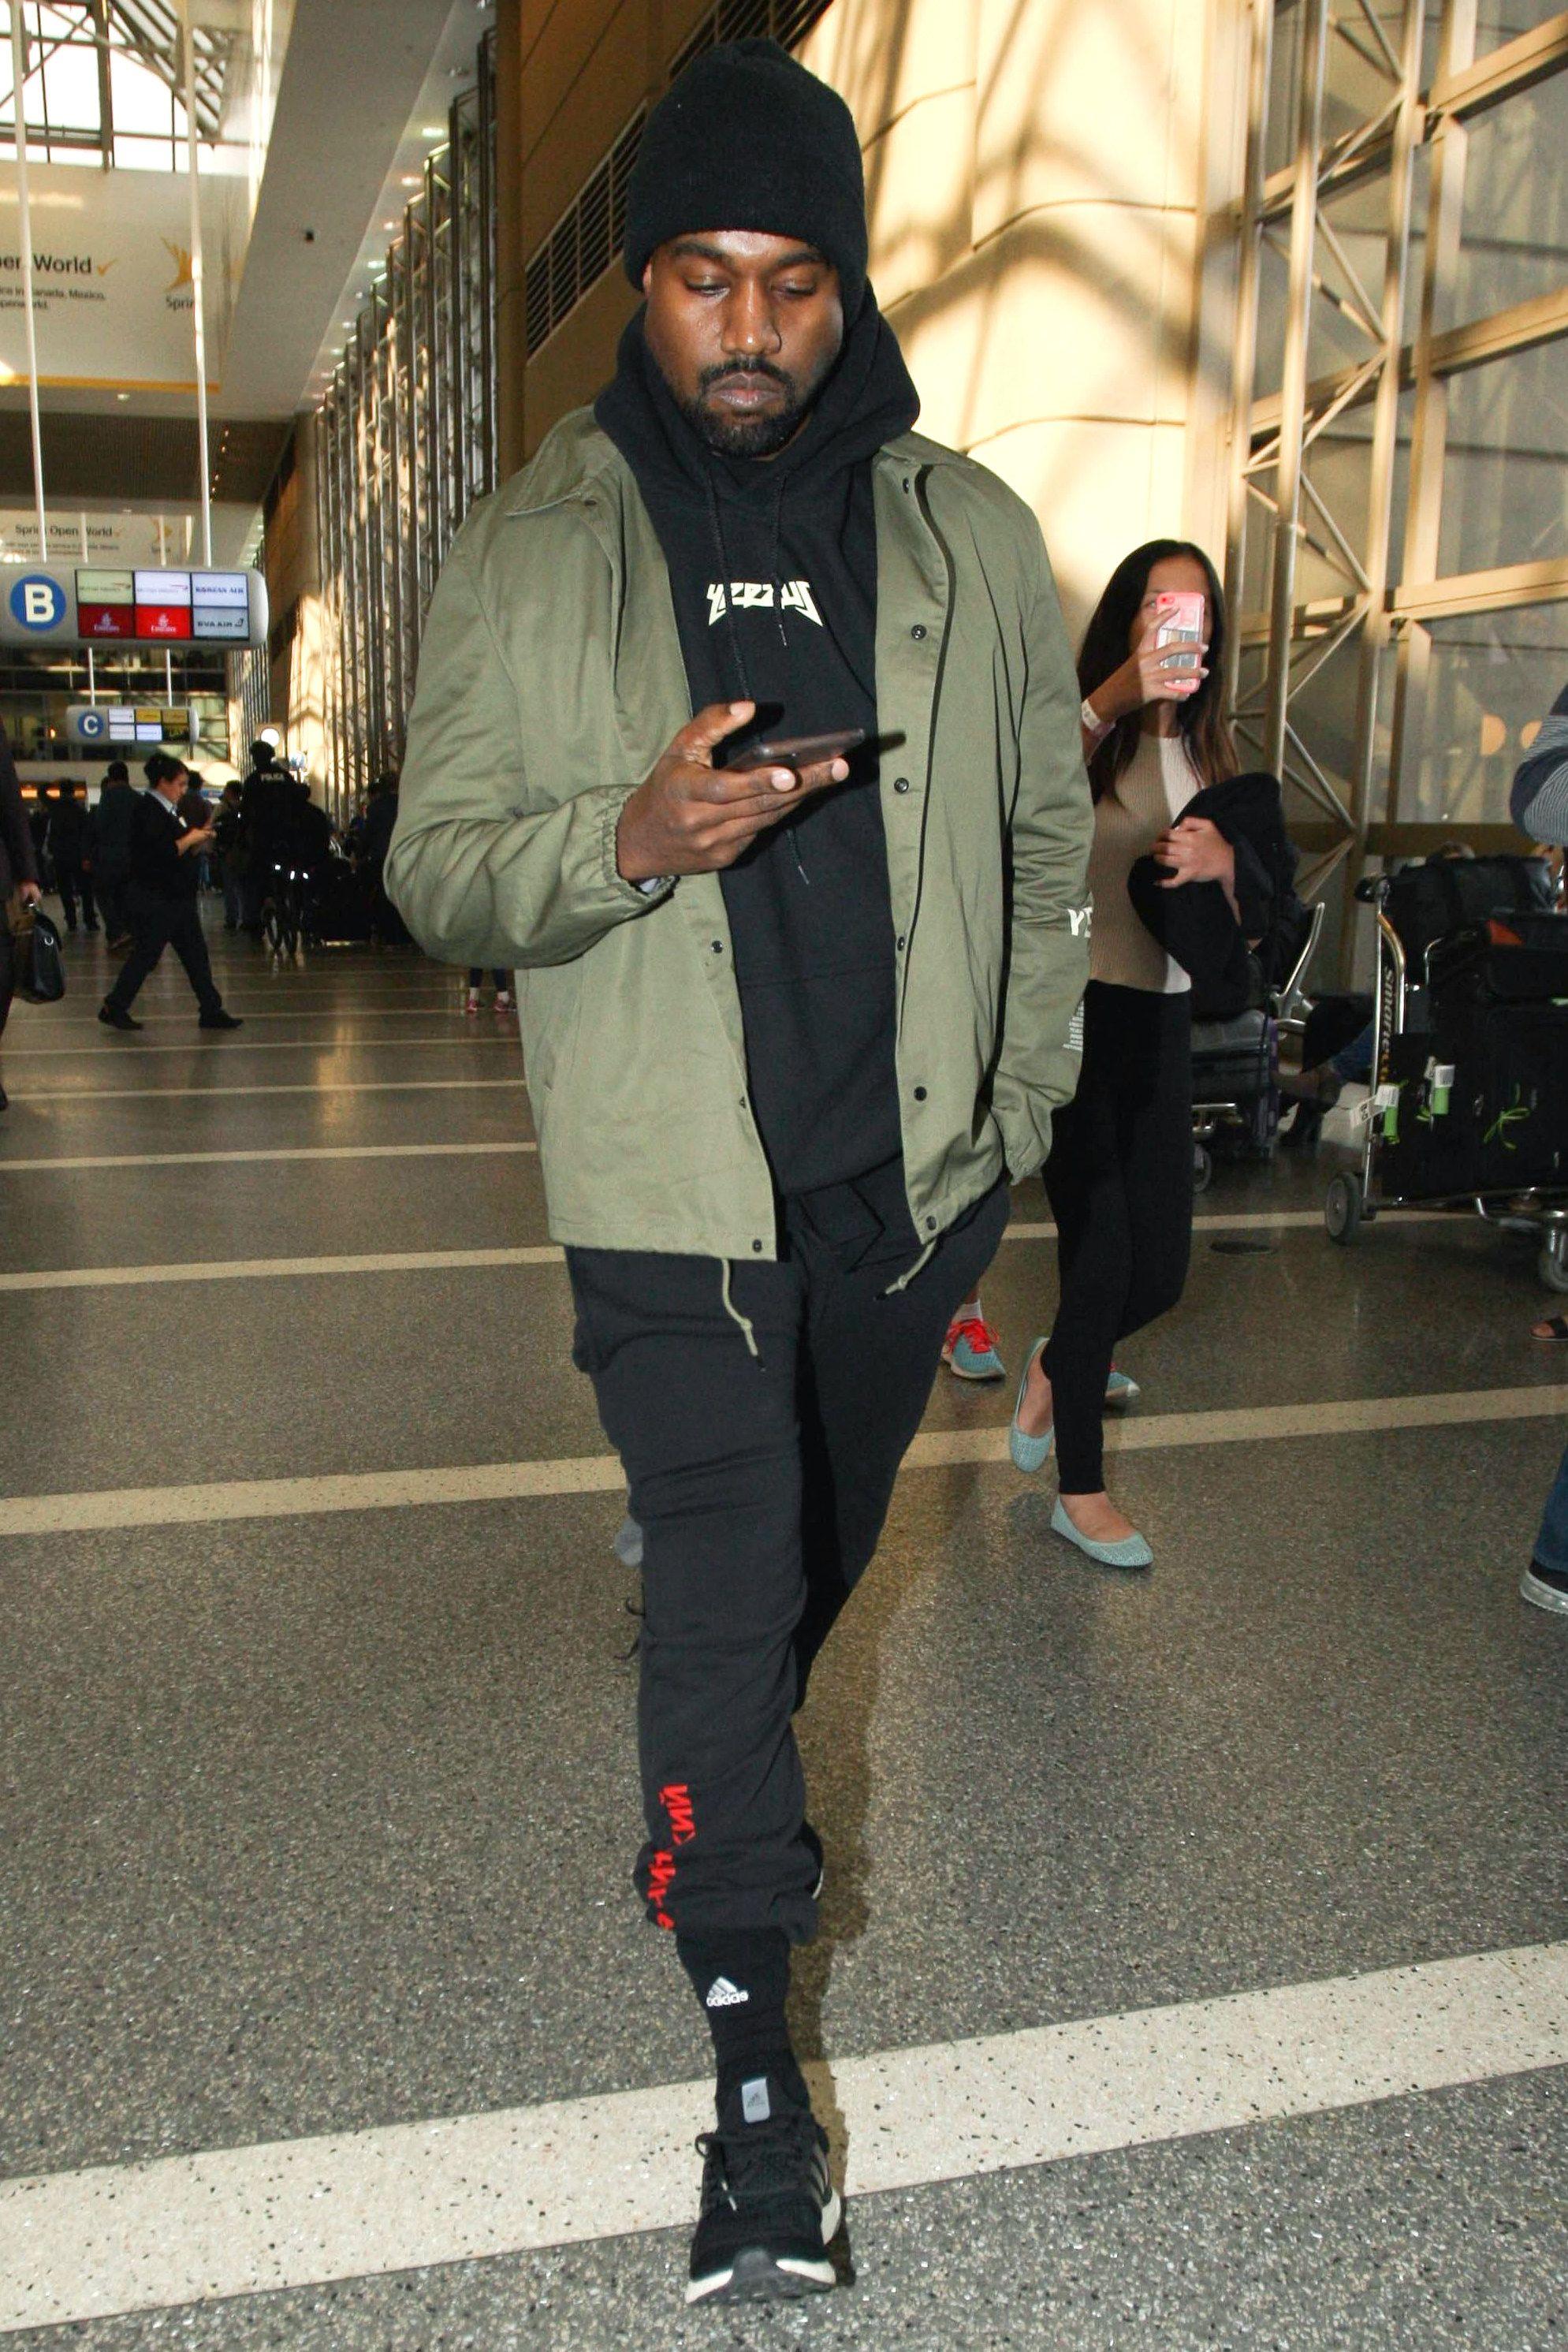 The Unabridged History Of Kanye West As Fashion Designer Kanye West Style Kanye West Outfits Mens Fashion Edgy